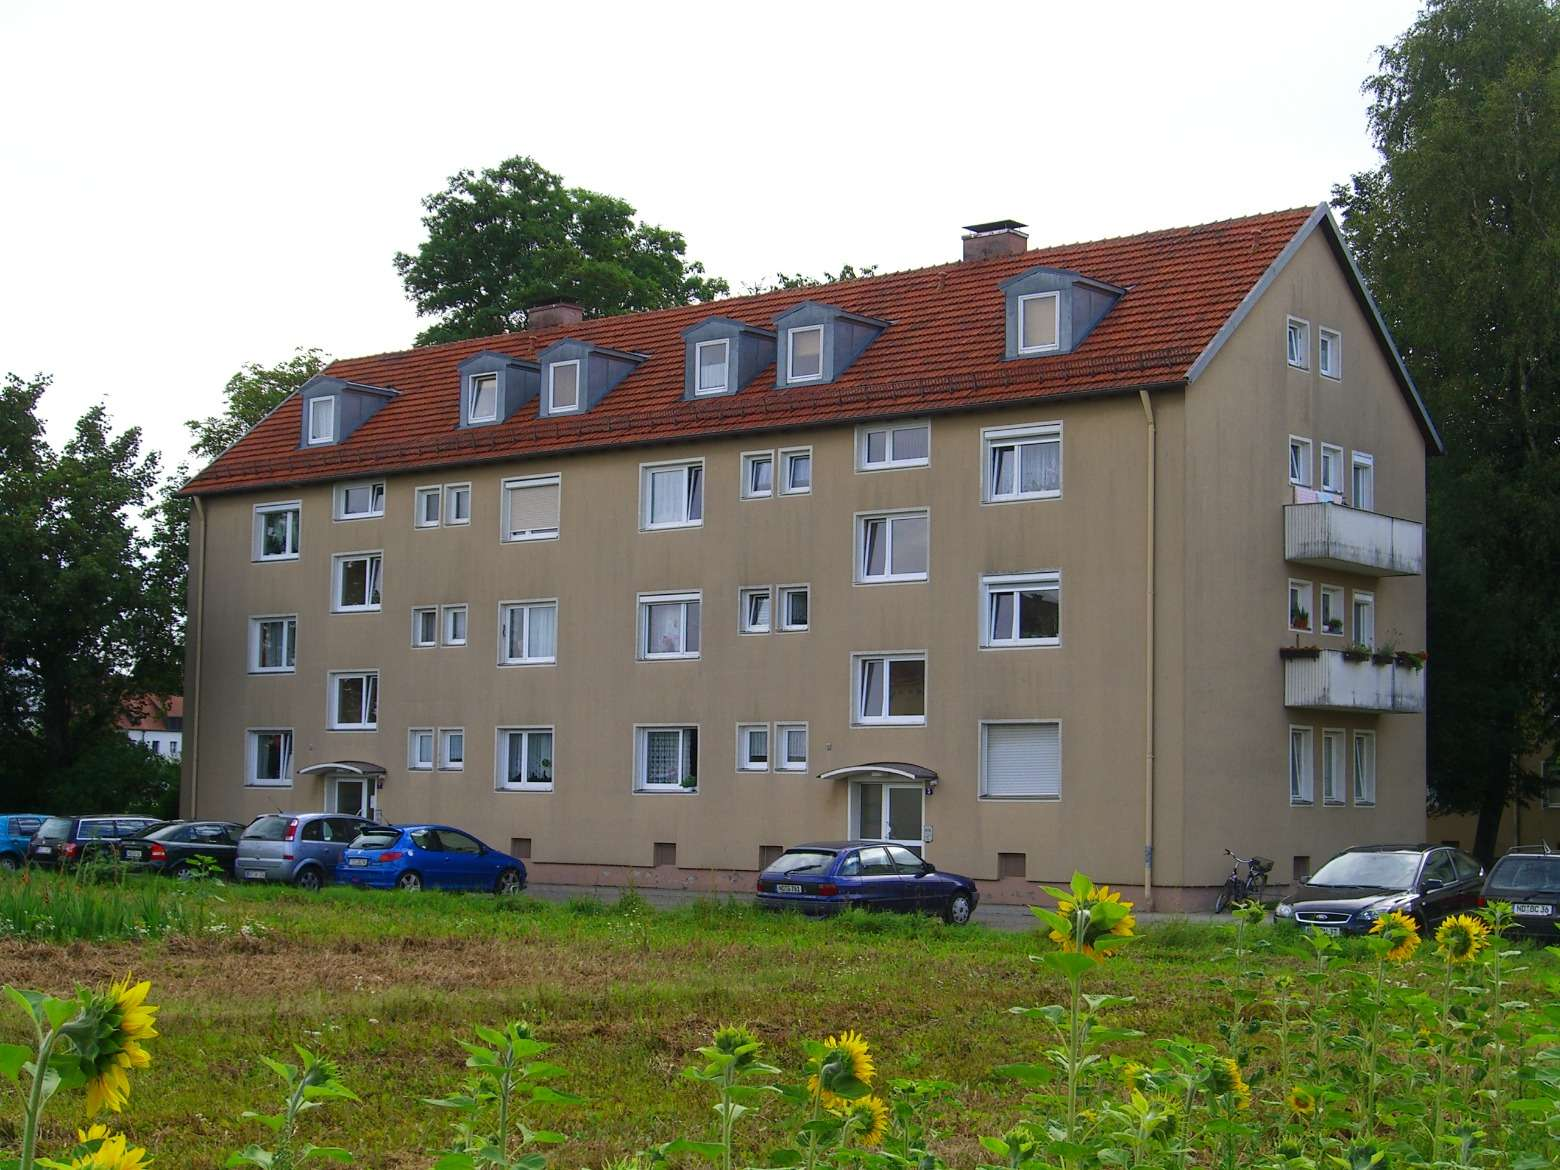 ***FRISCH RENOVIERT*** Wunderschöne 3 Zimmer-Wohnung in beliebter Lage von Neuburg in